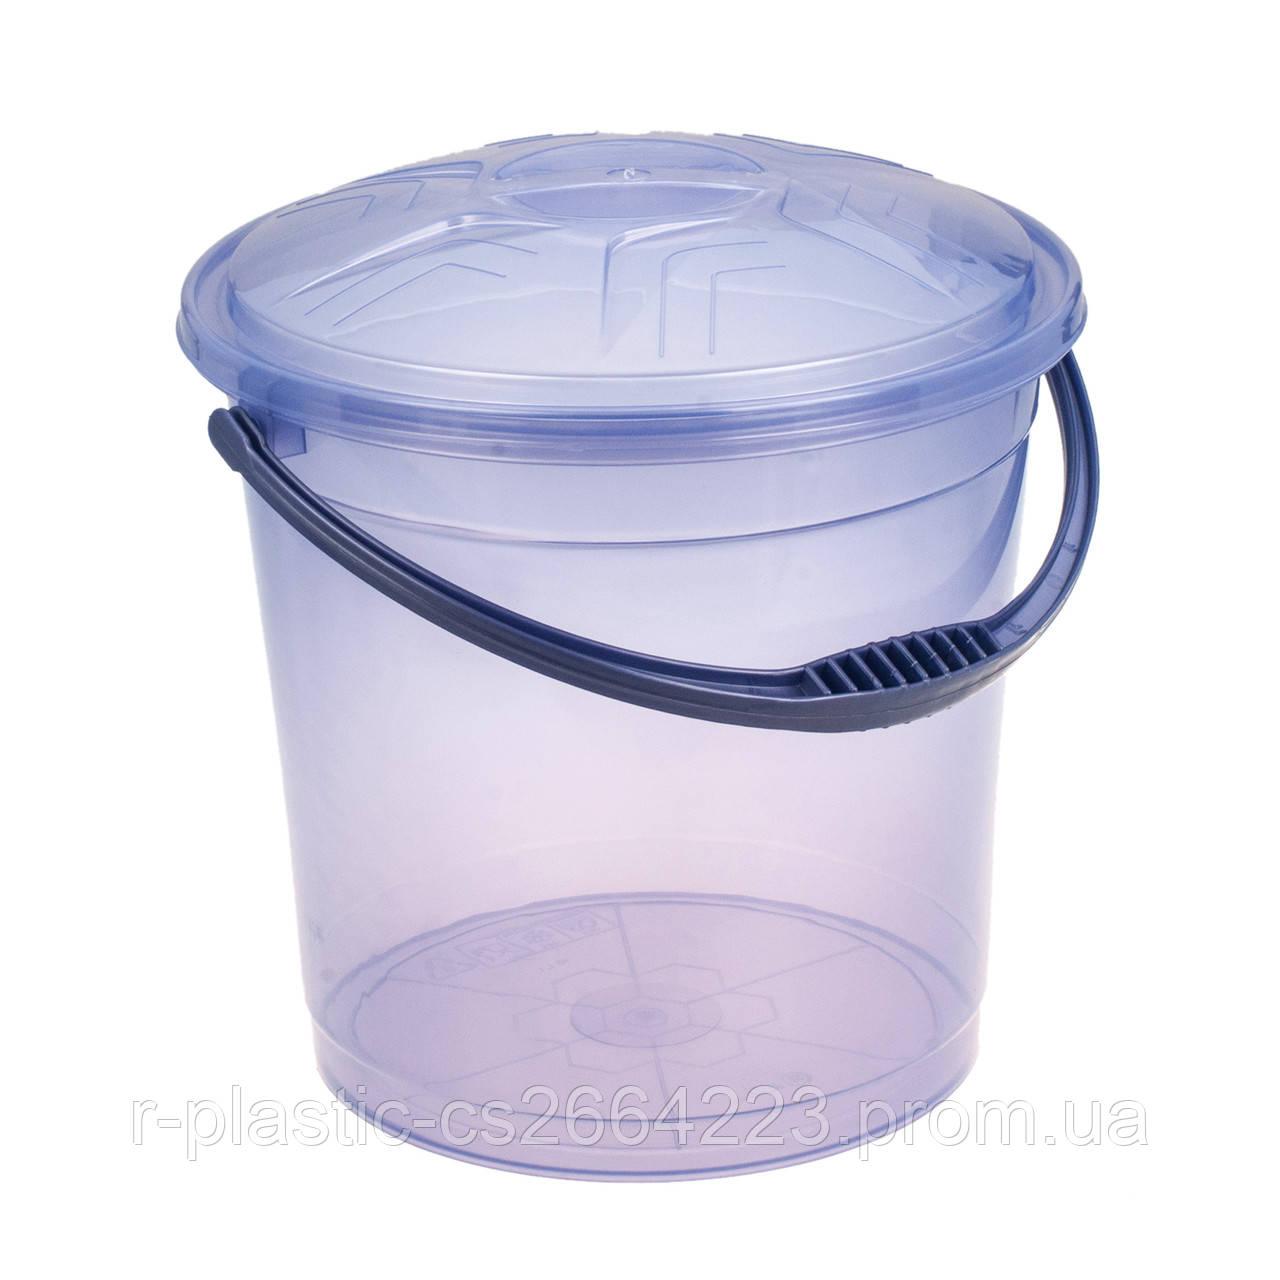 Відро прозоре із кришкою 15л R-Plastic фіолетове